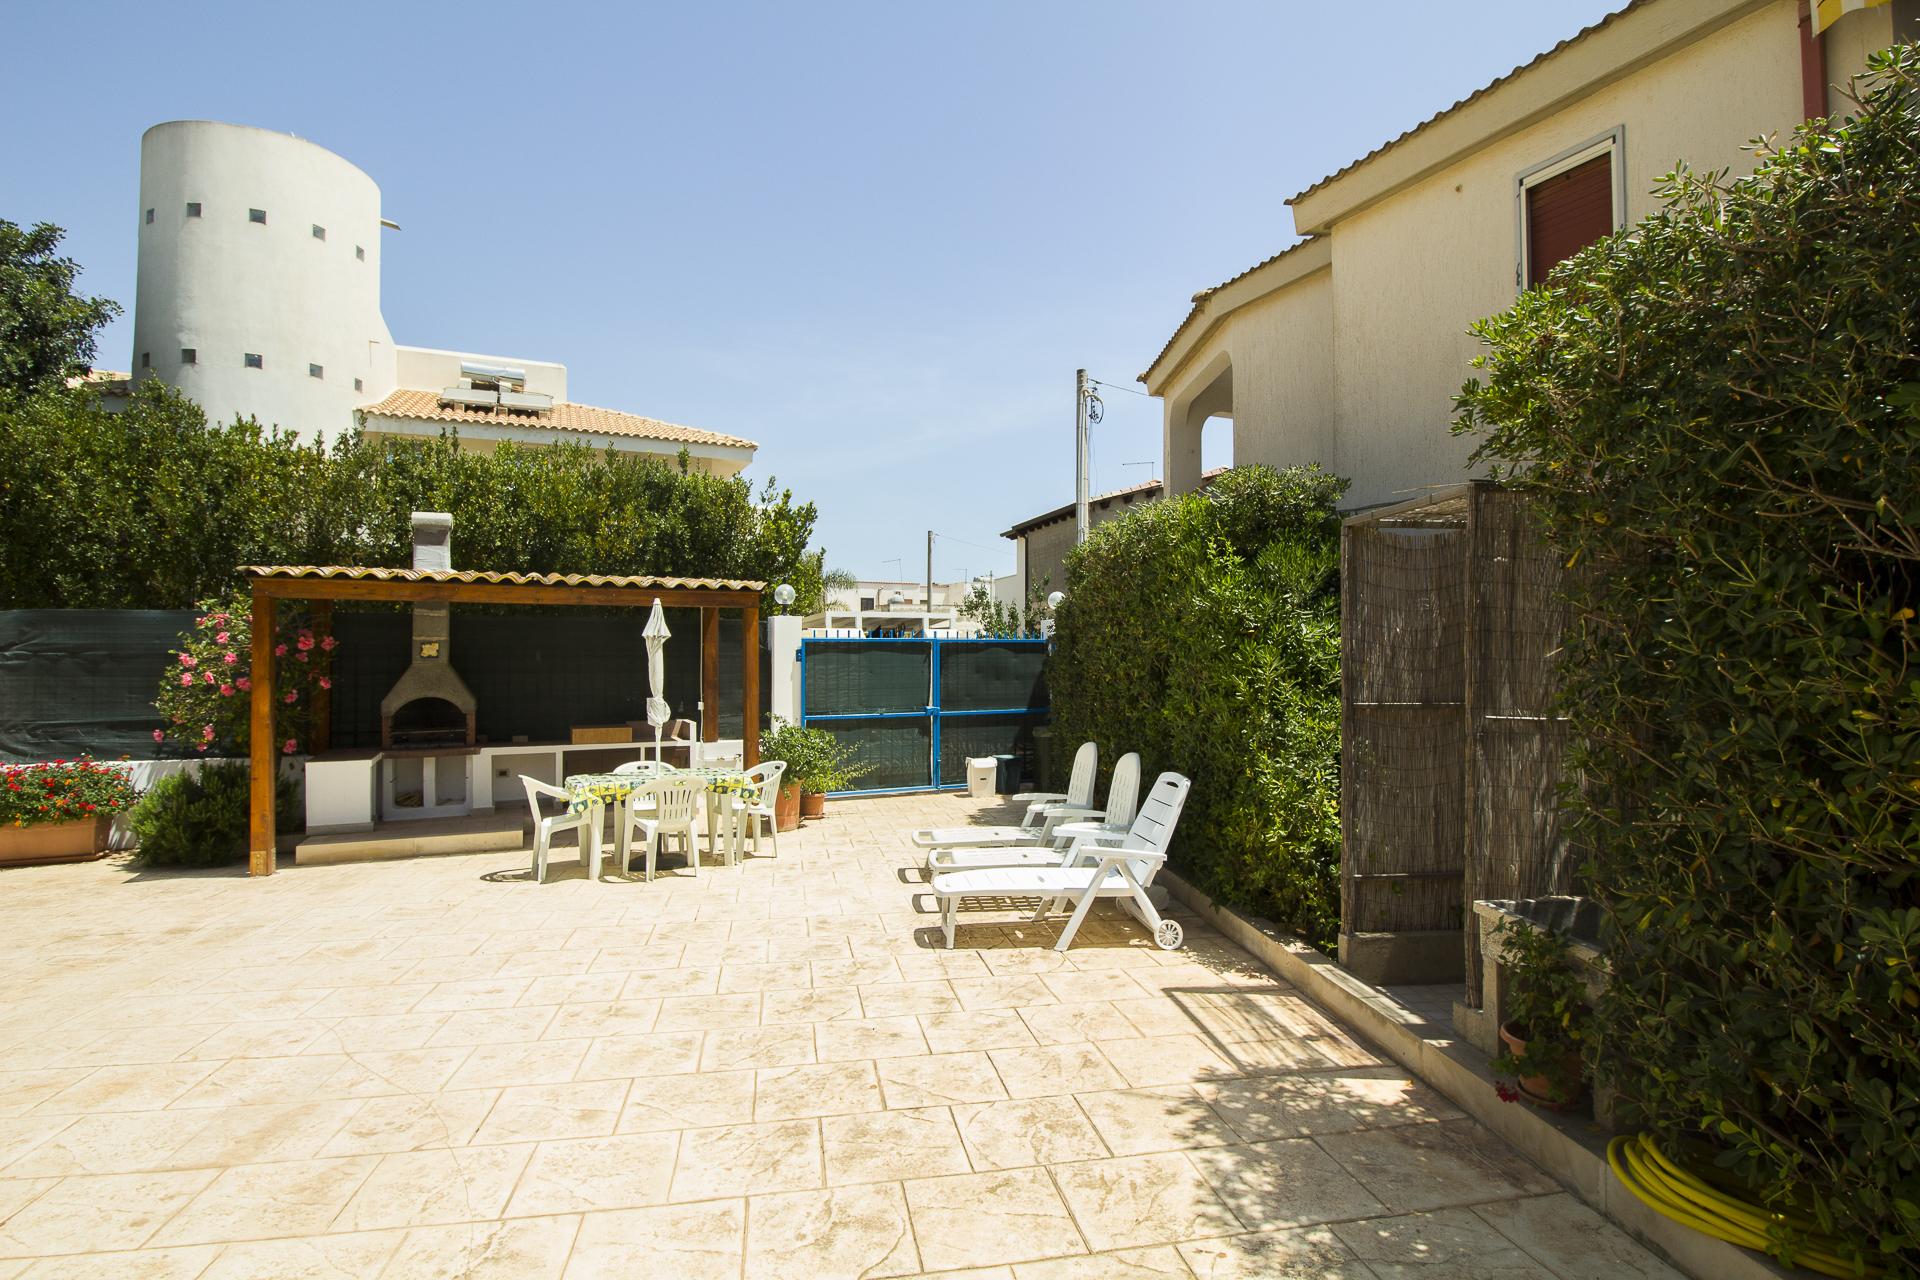 Casa vacanze Noto_sole_di_Sicilia_hotel_noto_marina_vacanze_noto_avola_siracusa_marzamemi_B&B_noto_camere_appartamenti_noto_mare_18